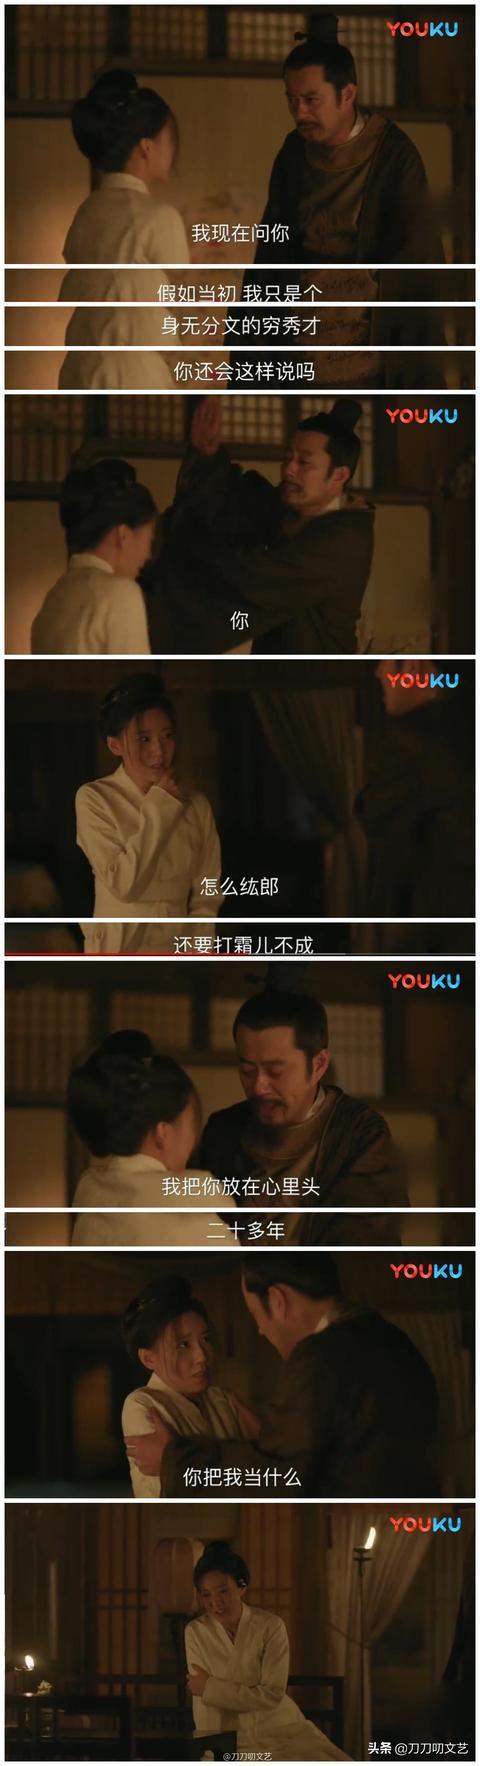 《知否》林小娘下线极度舒适,高露却让人舍不得,全凭神仙演技!